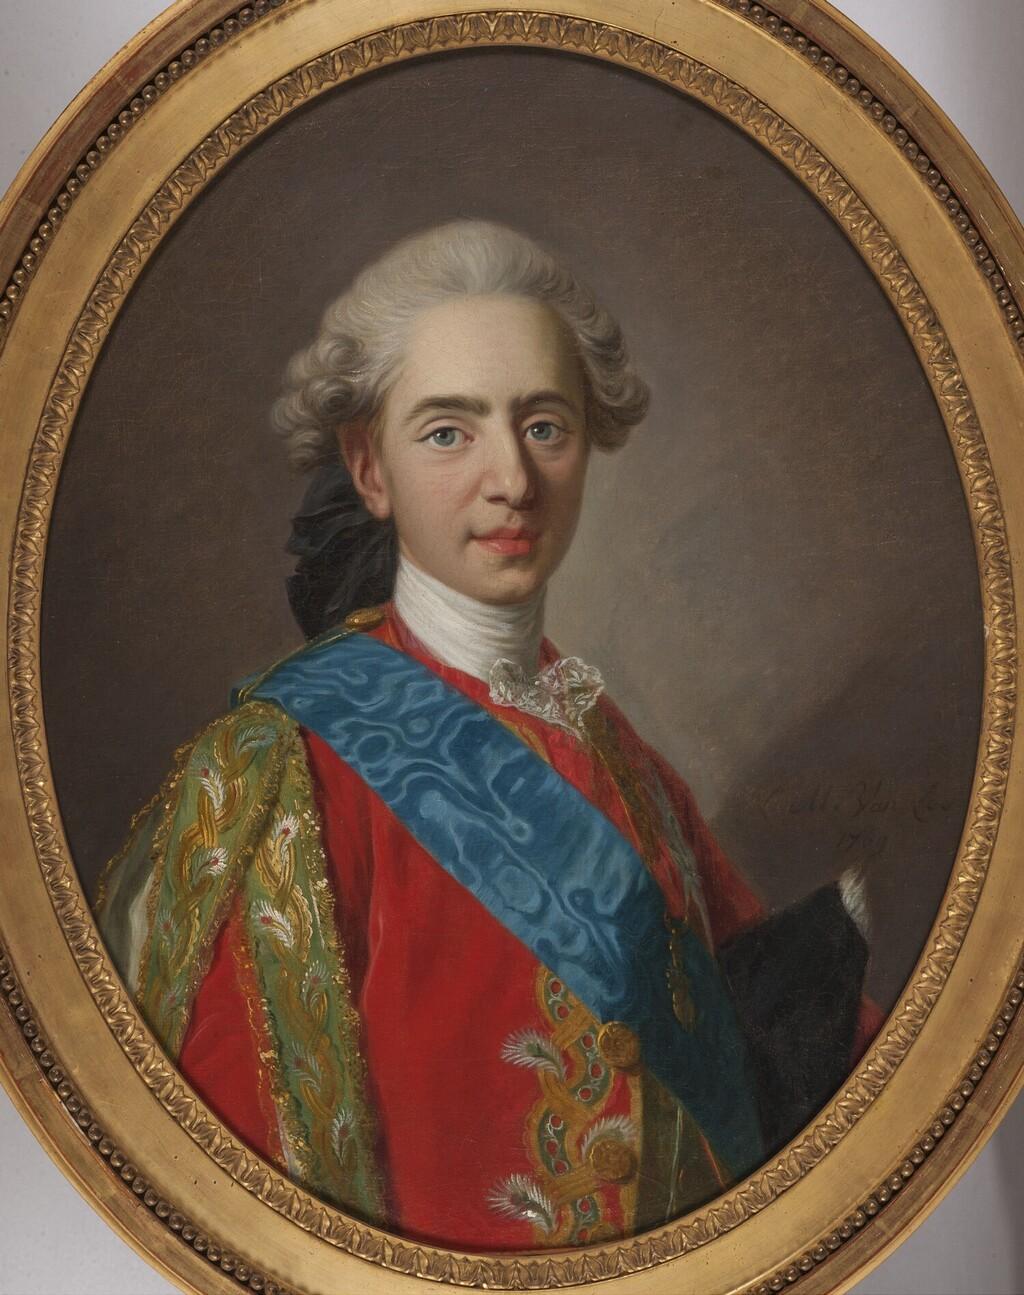 Portraits du comte d'Artois ou du comte de Provence par Van Loo ? Louis_26